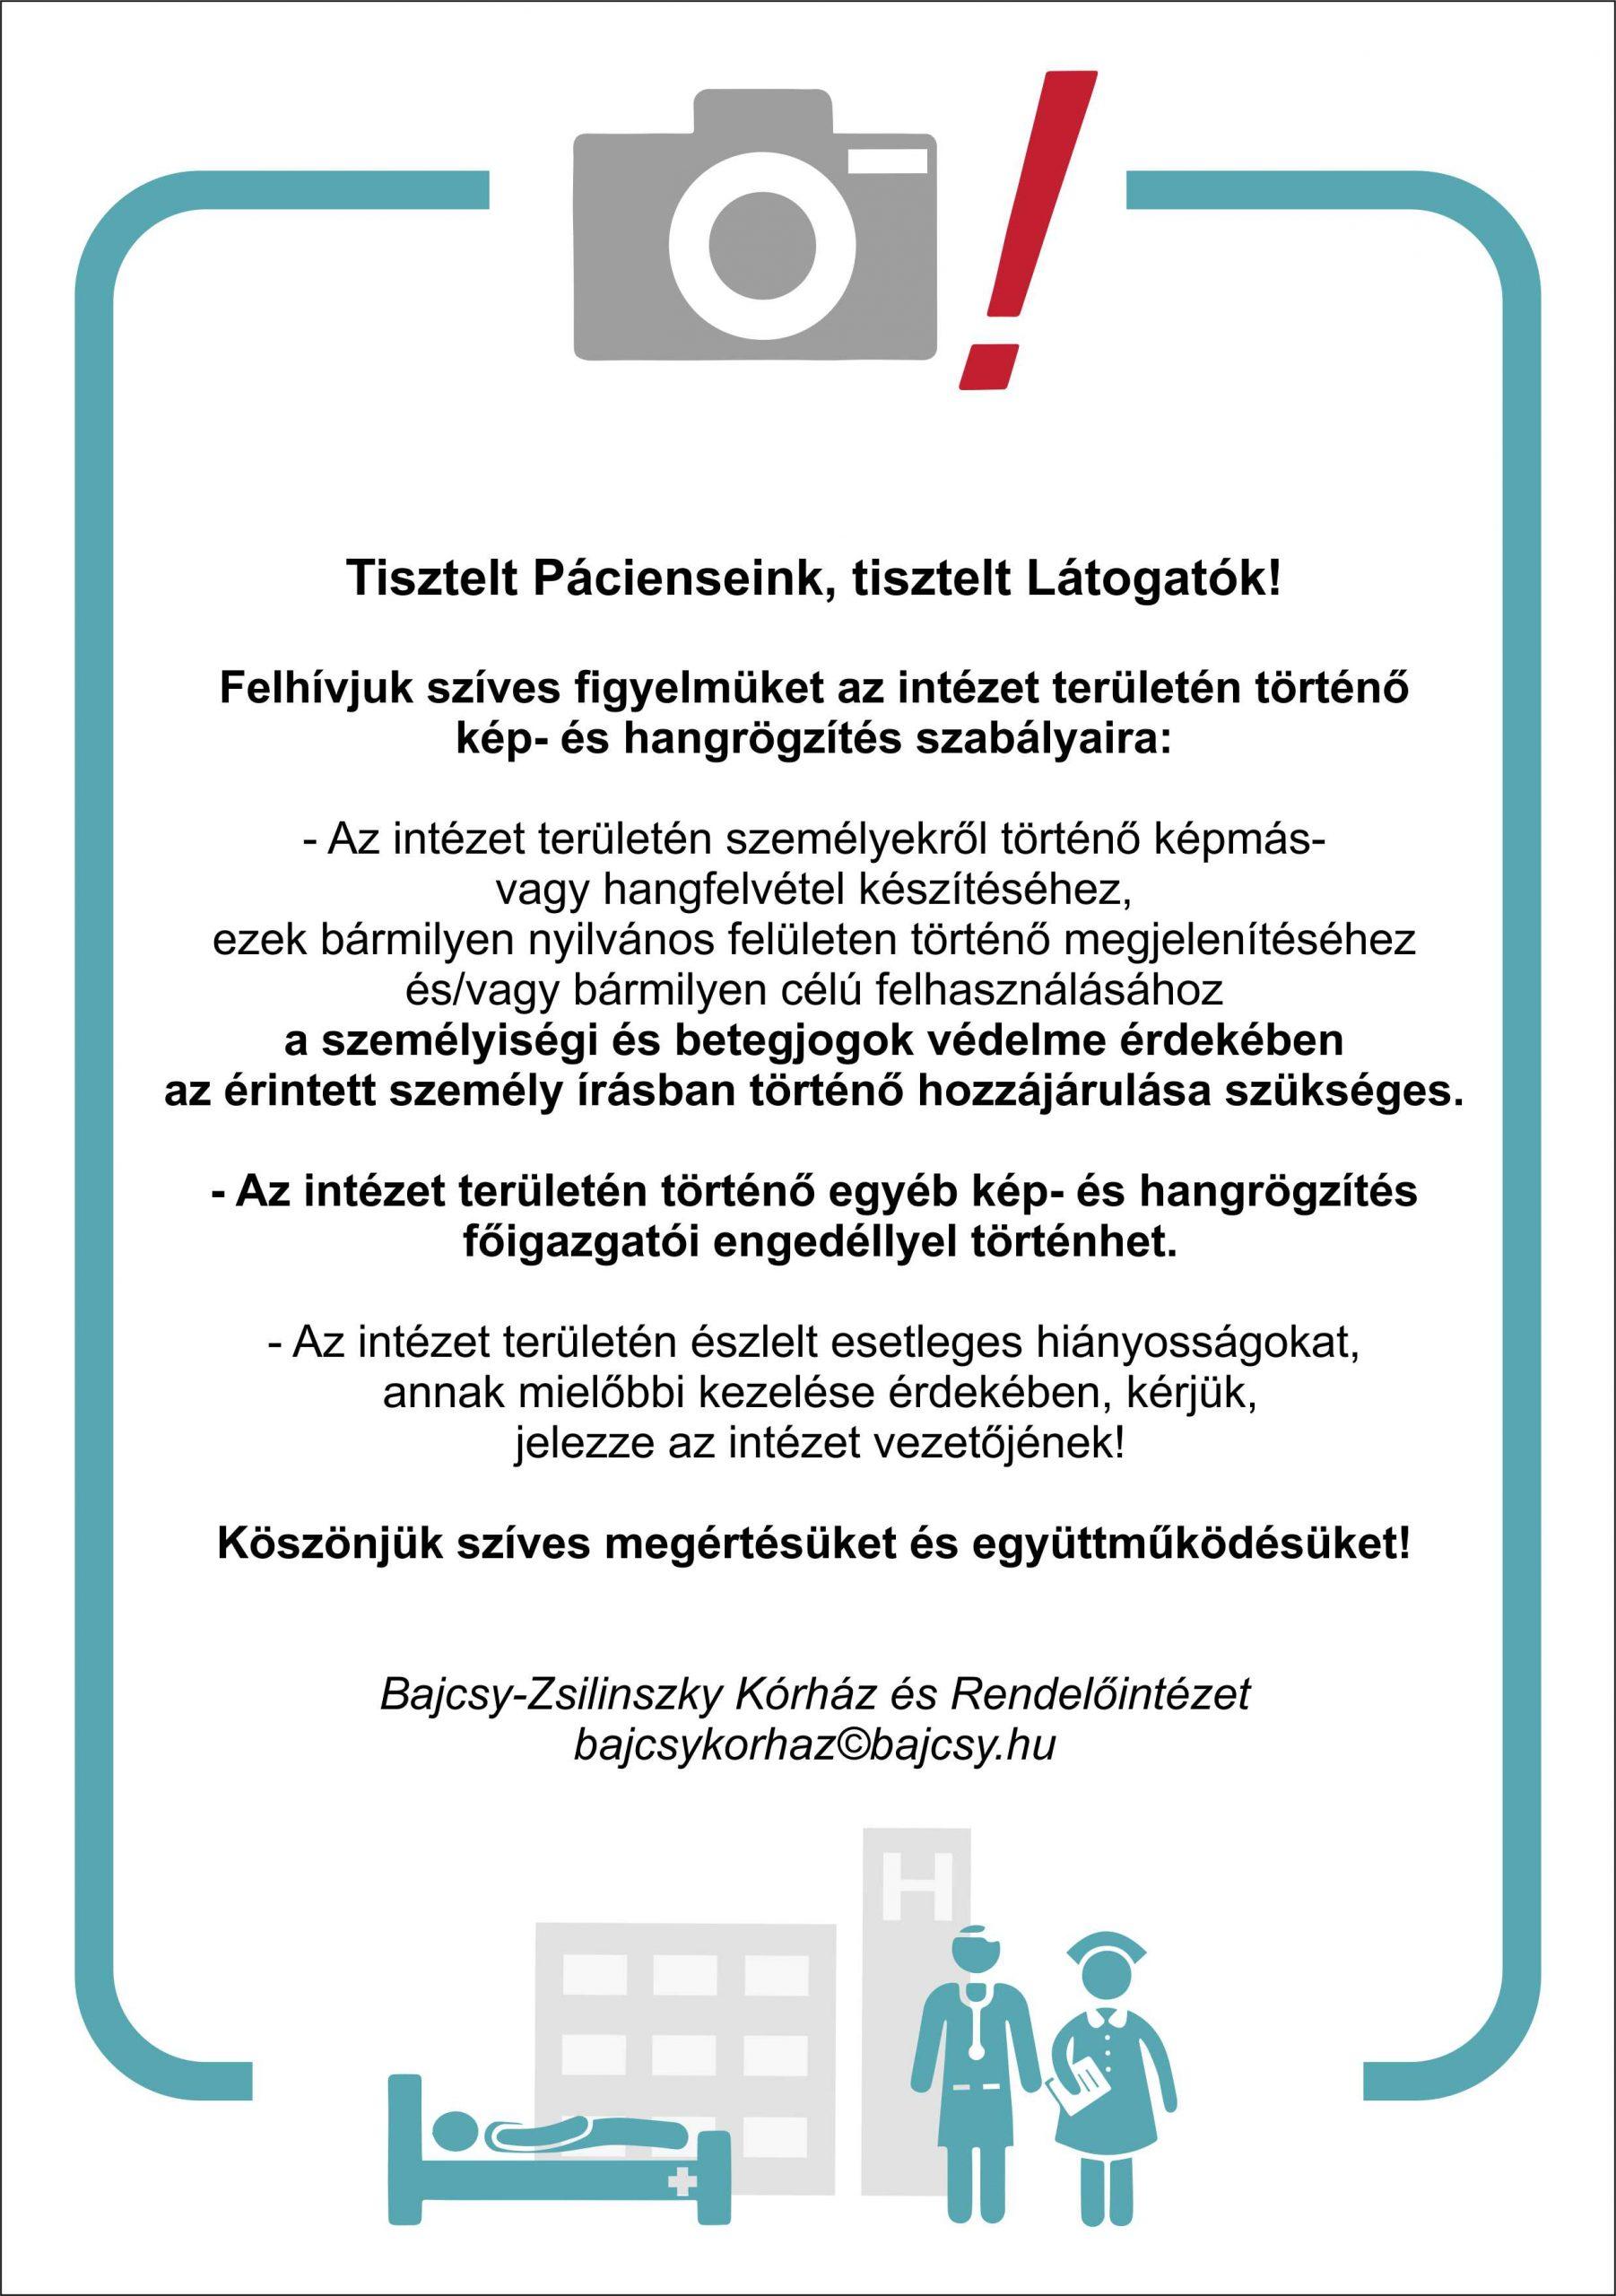 helmint védelem felnőtteknél)